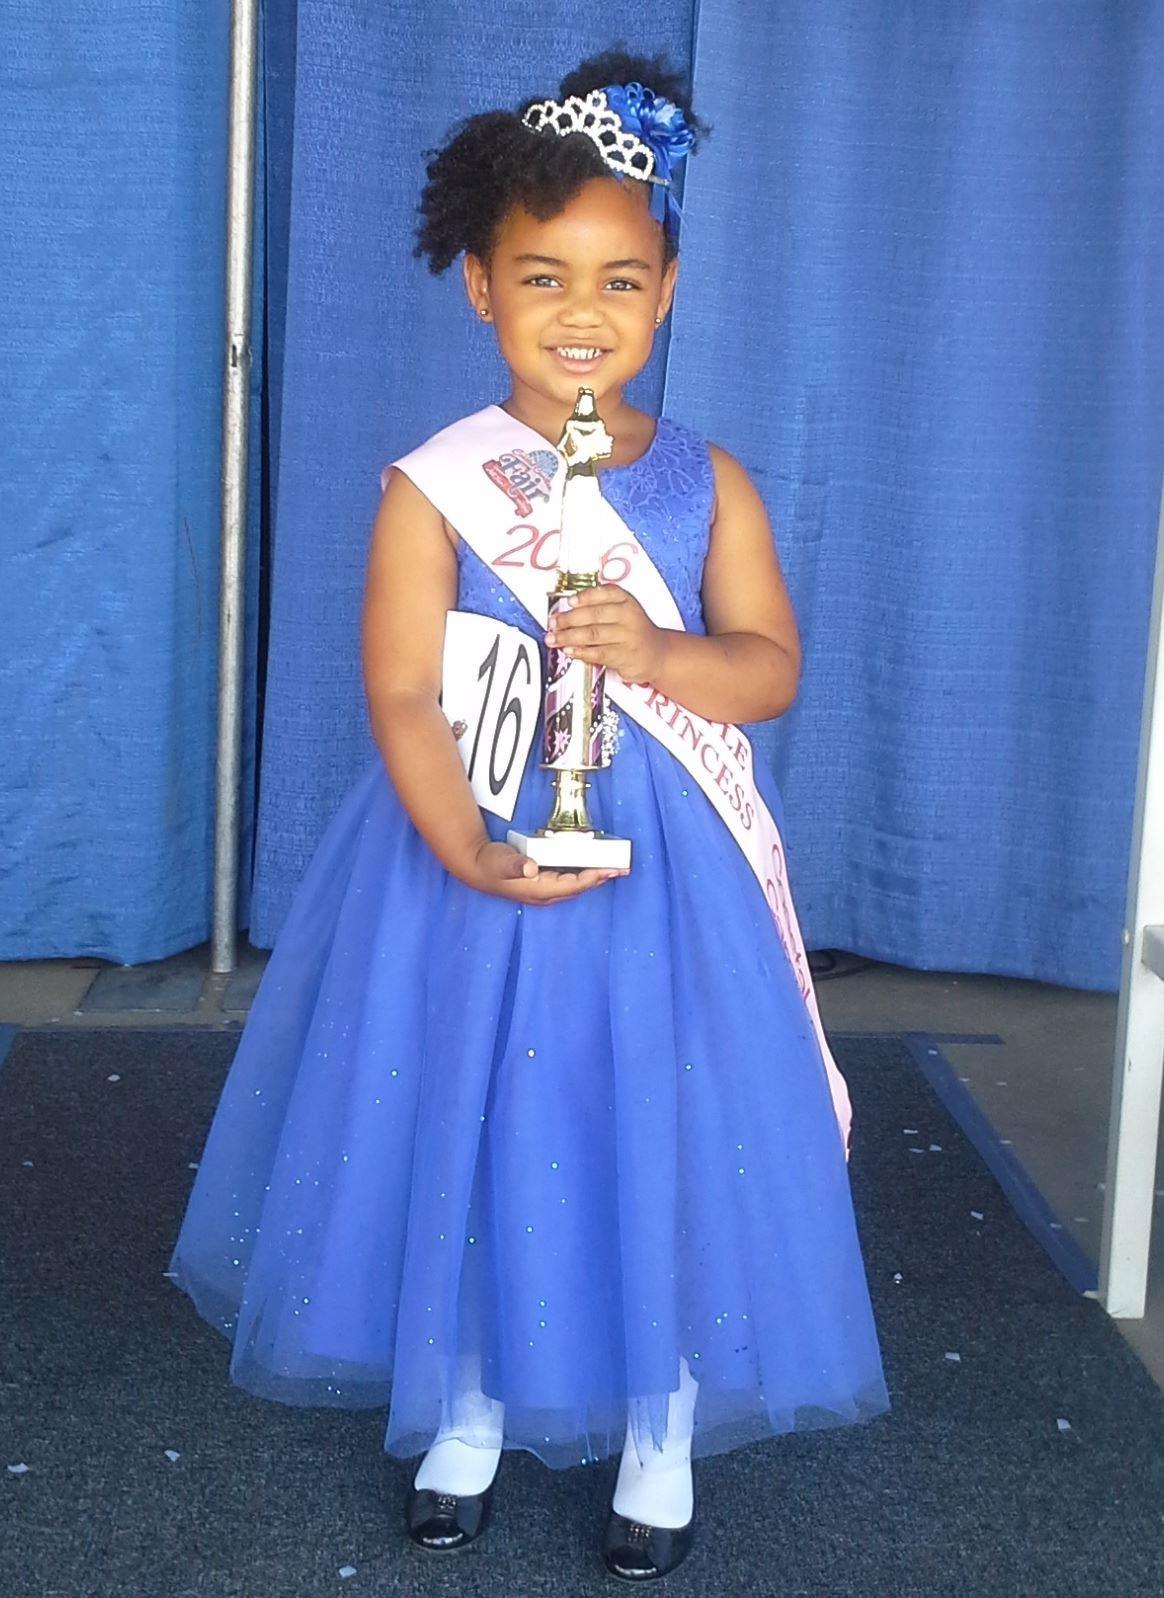 Little Princess Winner 2013